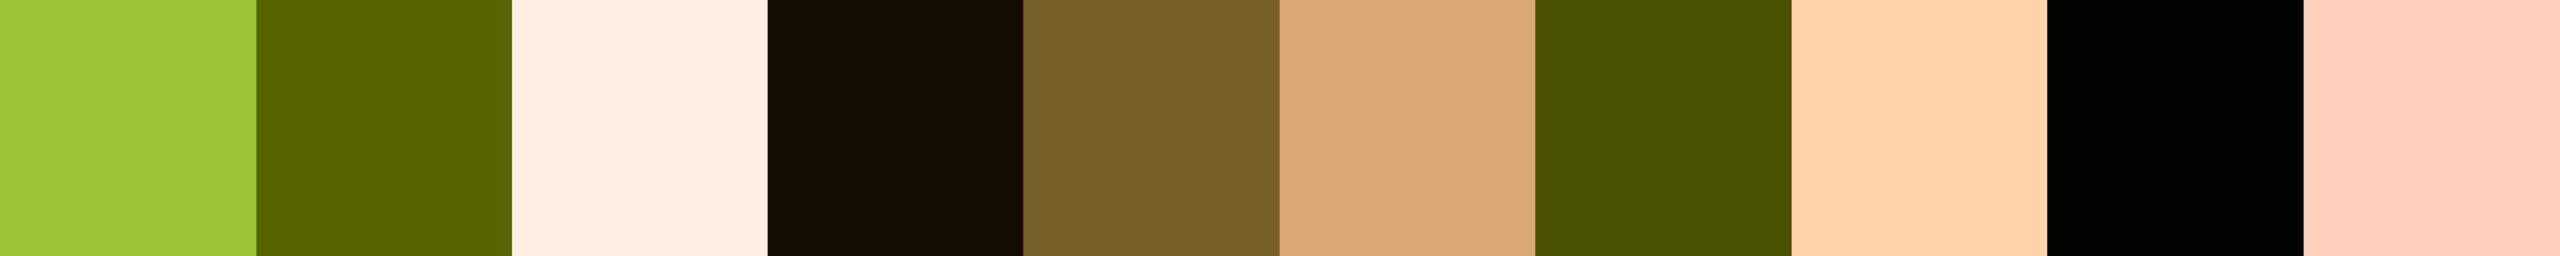 298 Decreviata Color Palette-min